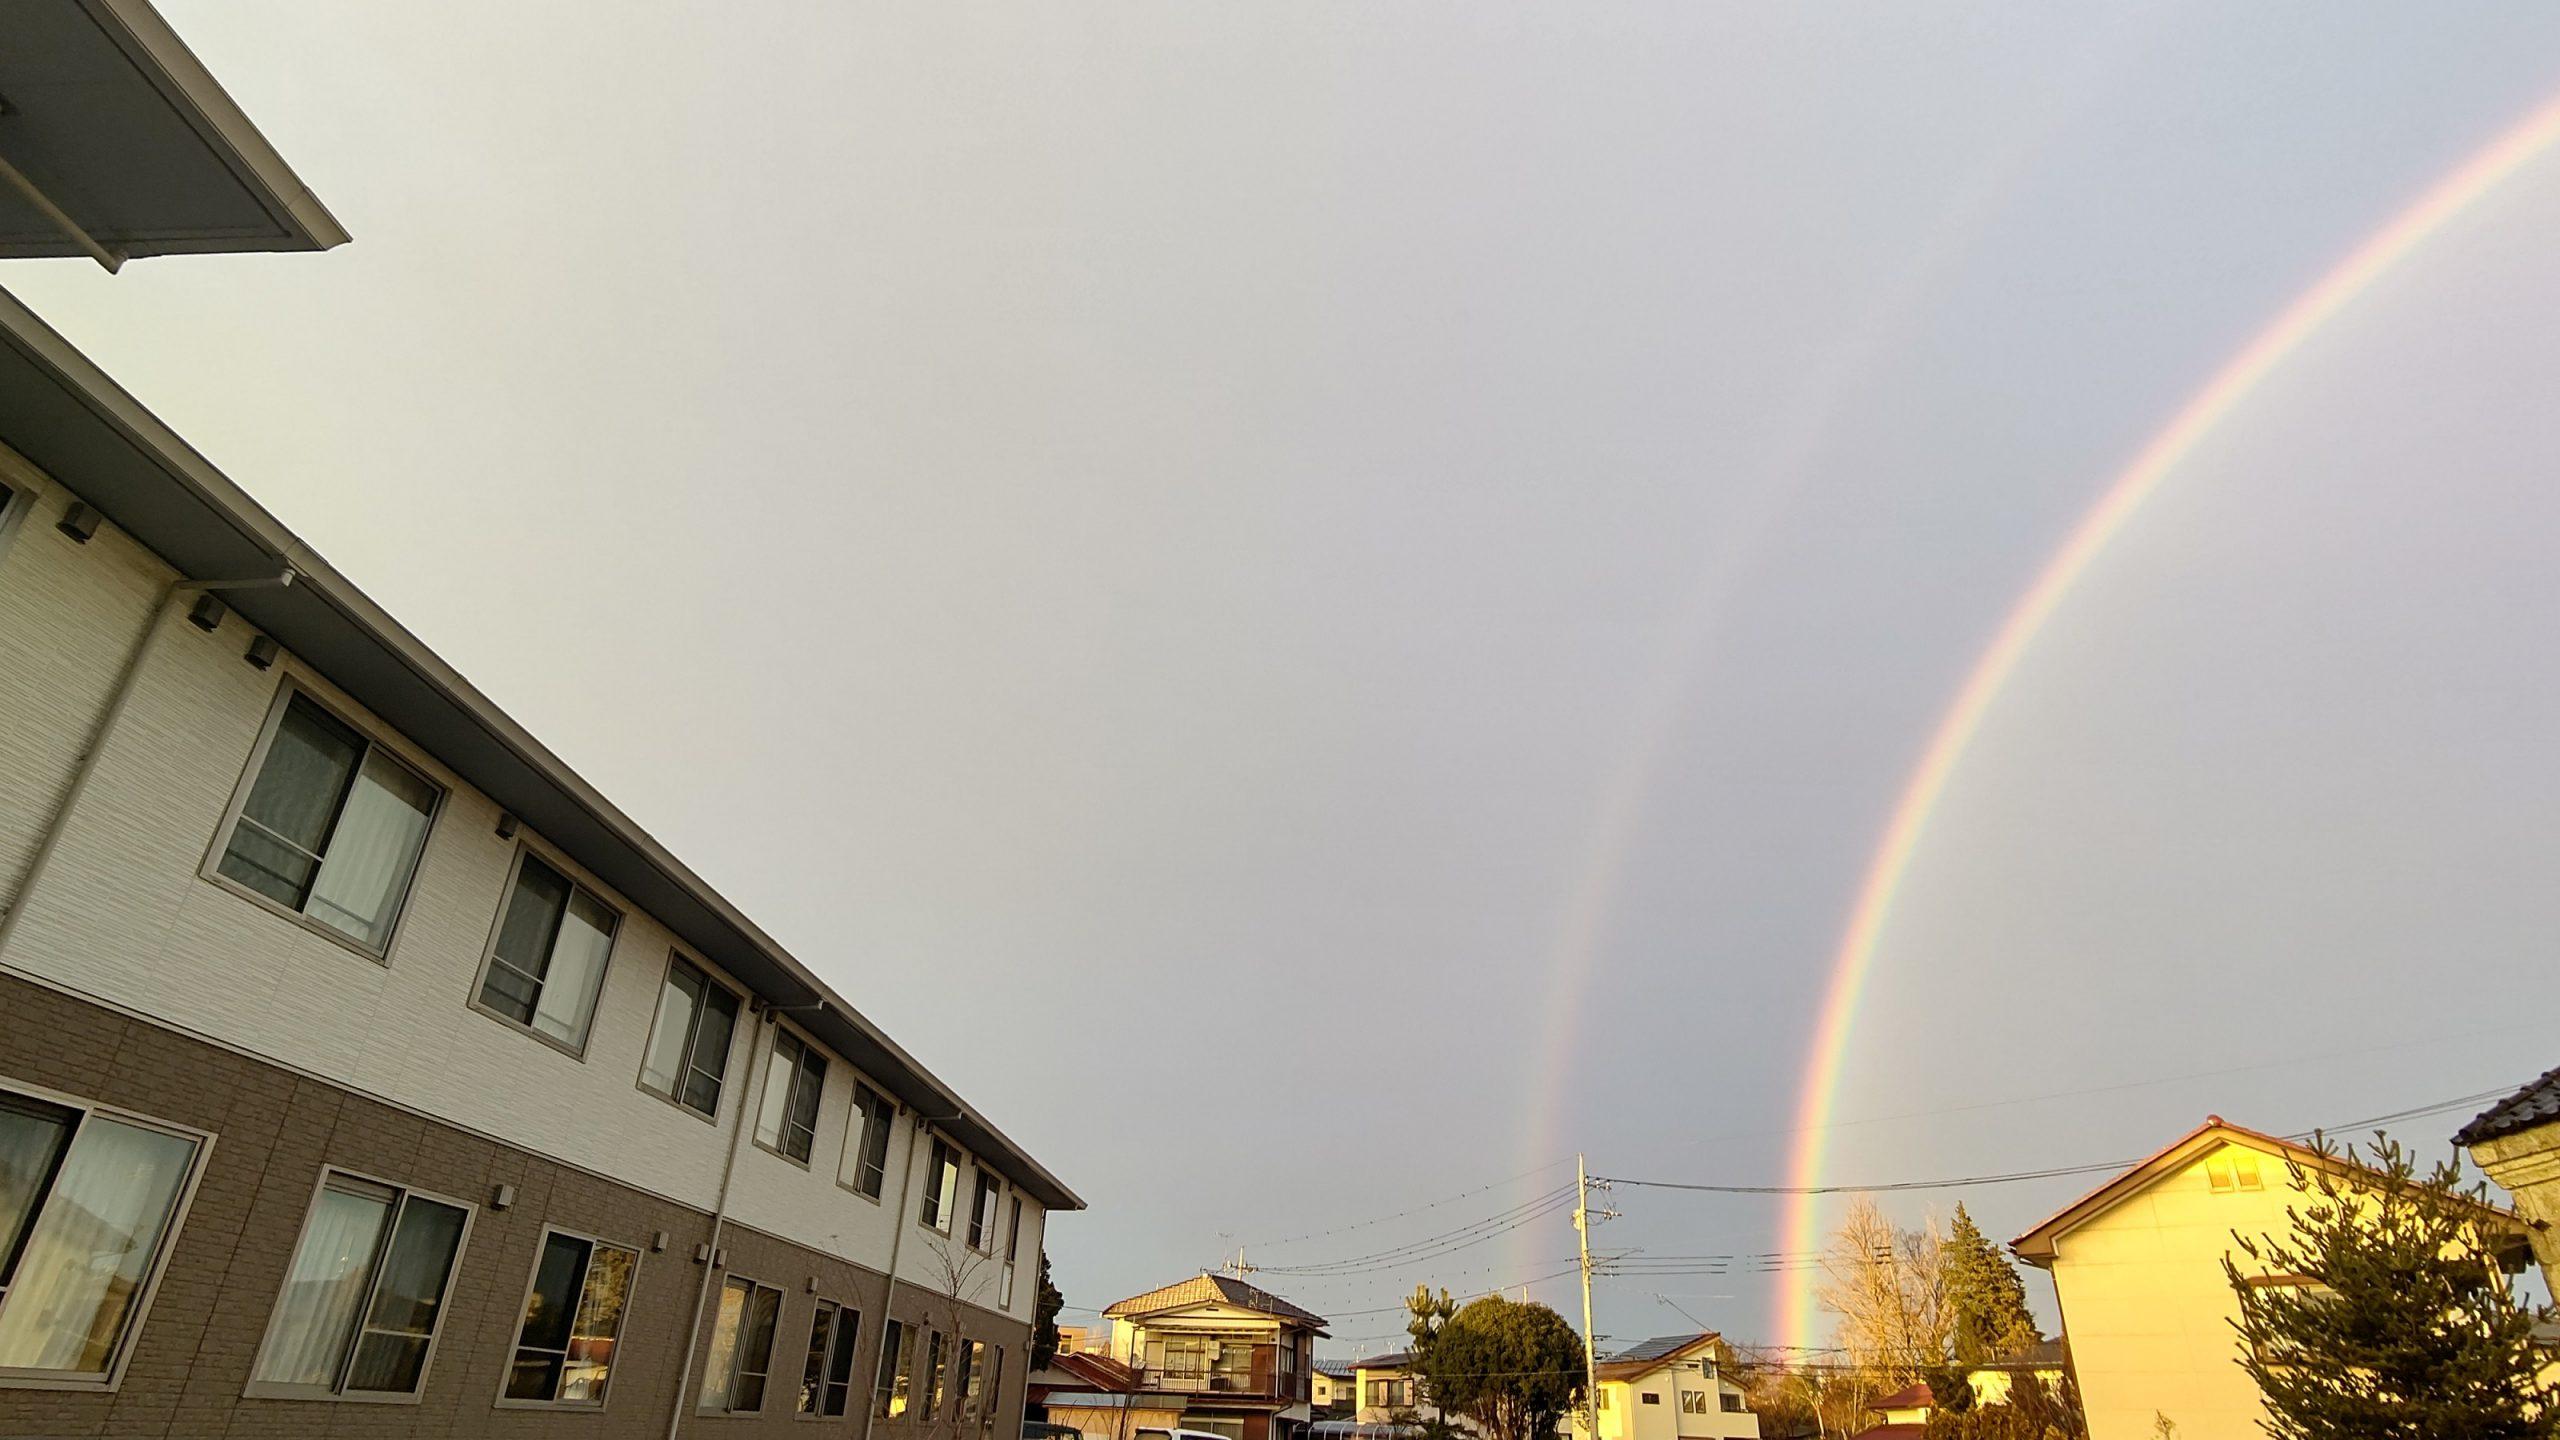 雨のち晴れ~宇都宮の空に架かる虹~